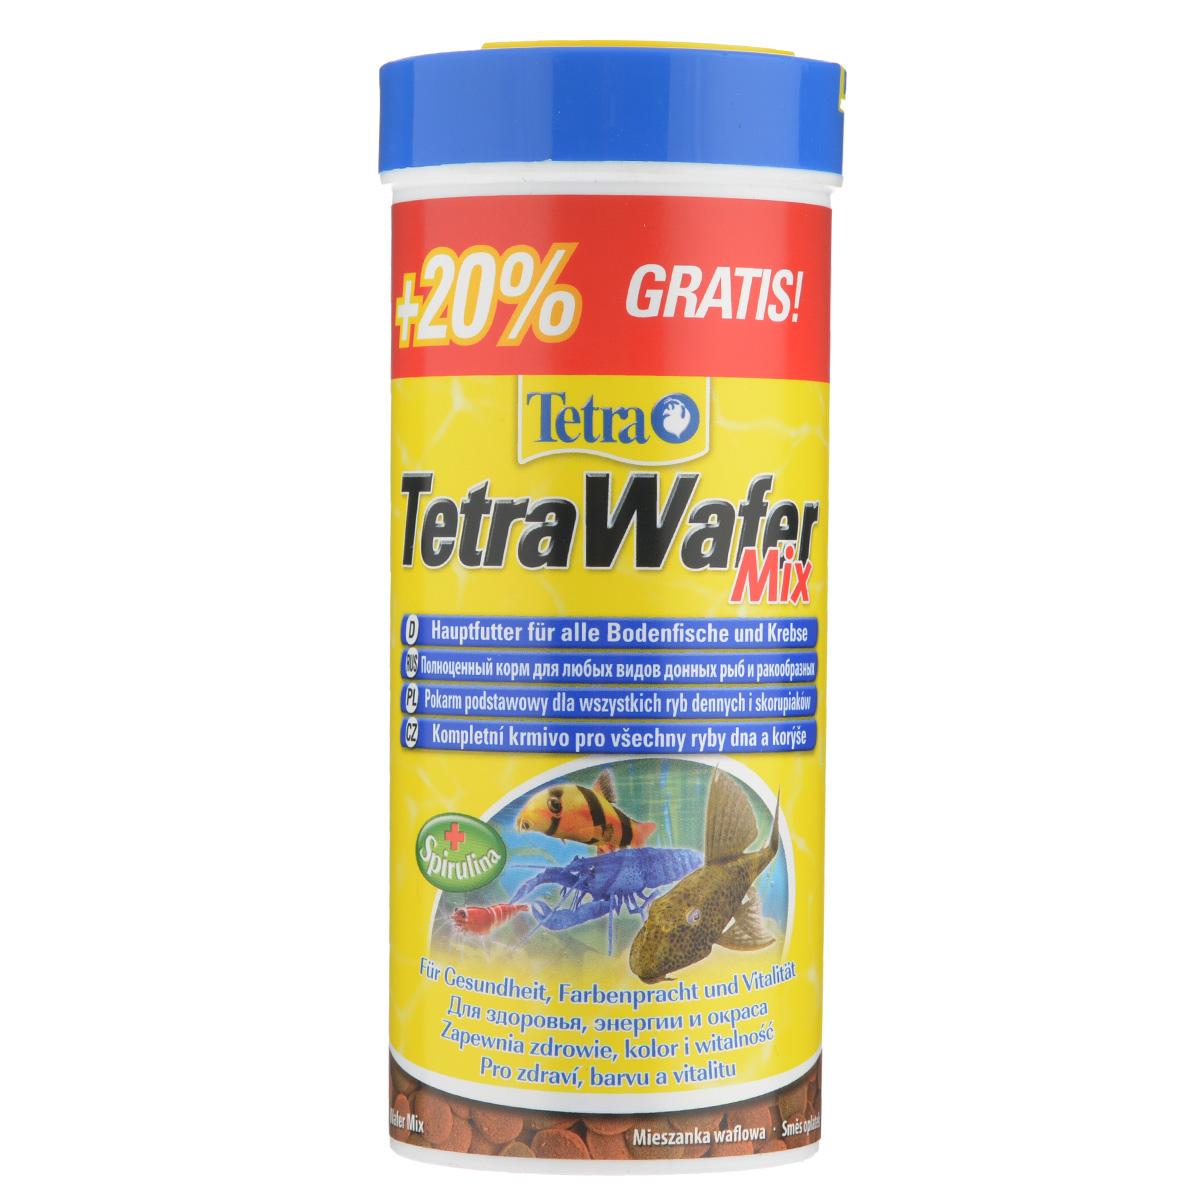 Корм сухой TetraWafer Mix для всех донных рыб и ракообразных, в виде пластинок, 300 мл198890Корм TetraWafer Mix - это сбалансированный, богатый питательными веществами корм высшего качества. Превосходное качество корма обеспечивает оптимальное питание ваших рыб. Сочетание двух разных пластинок обеспечивает разнообразие и оптимальное питание. Благодаря твердой консистенции пластинки не загрязняют воду. Рекомендации по кормлению: кормить несколько раз в день маленькими порциями. Характеристики: Состав: рыба и побочные рыбные продукты, зерновые культуры, экстракты растительного белка, растительные продукты, дрожжи, моллюски и раки, масла и жиры, водоросли (спирулина максима 1,5%), минеральные вещества. Пищевая ценность: сырой белок - 45%, сырые масла и жиры - 6%, сырая клетчатка - 2%, влага - 9%. Добавки: витамины, провитамины и химические вещества с аналогичным воздействием, витамин А 28460 МЕ/кг, витамин Д3 1770 МЕ/кг. Комбинации элементов: Е5 Марганец 64 мг/кг, Е6 Цинк 38 мг/кг, Е1 Железо 25 мг/кг, Е3 Кобальт 0,5 мг/кг....